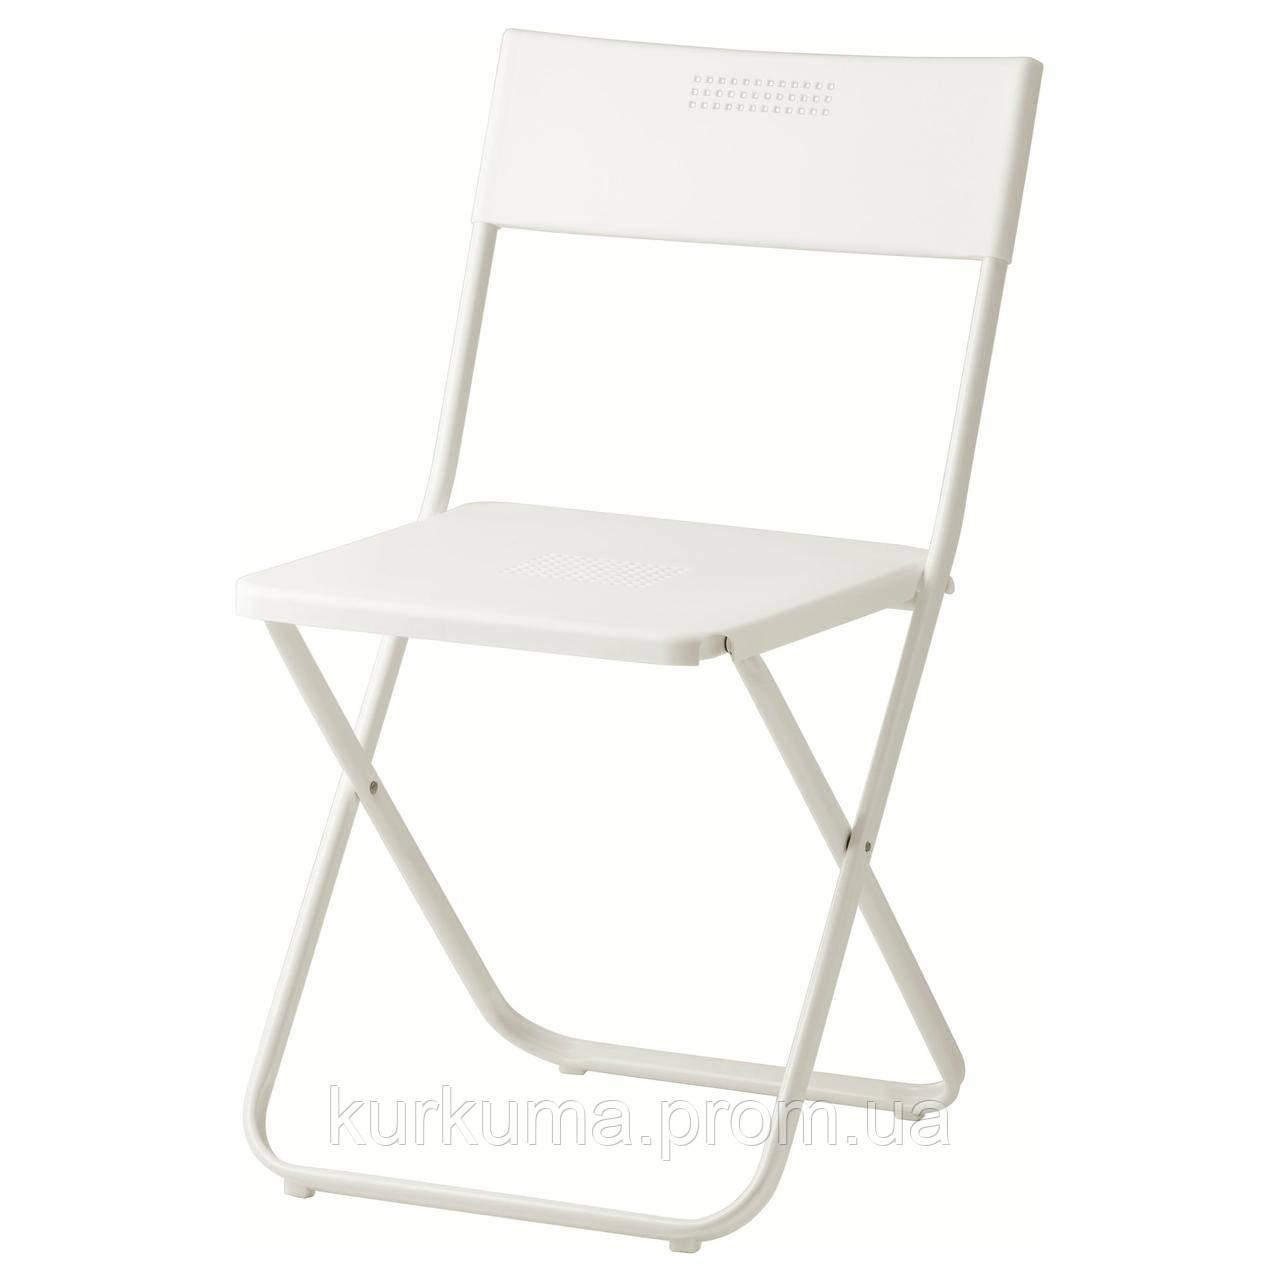 IKEA FEJAN Садовый стул, белый складной белый  (102.553.07)